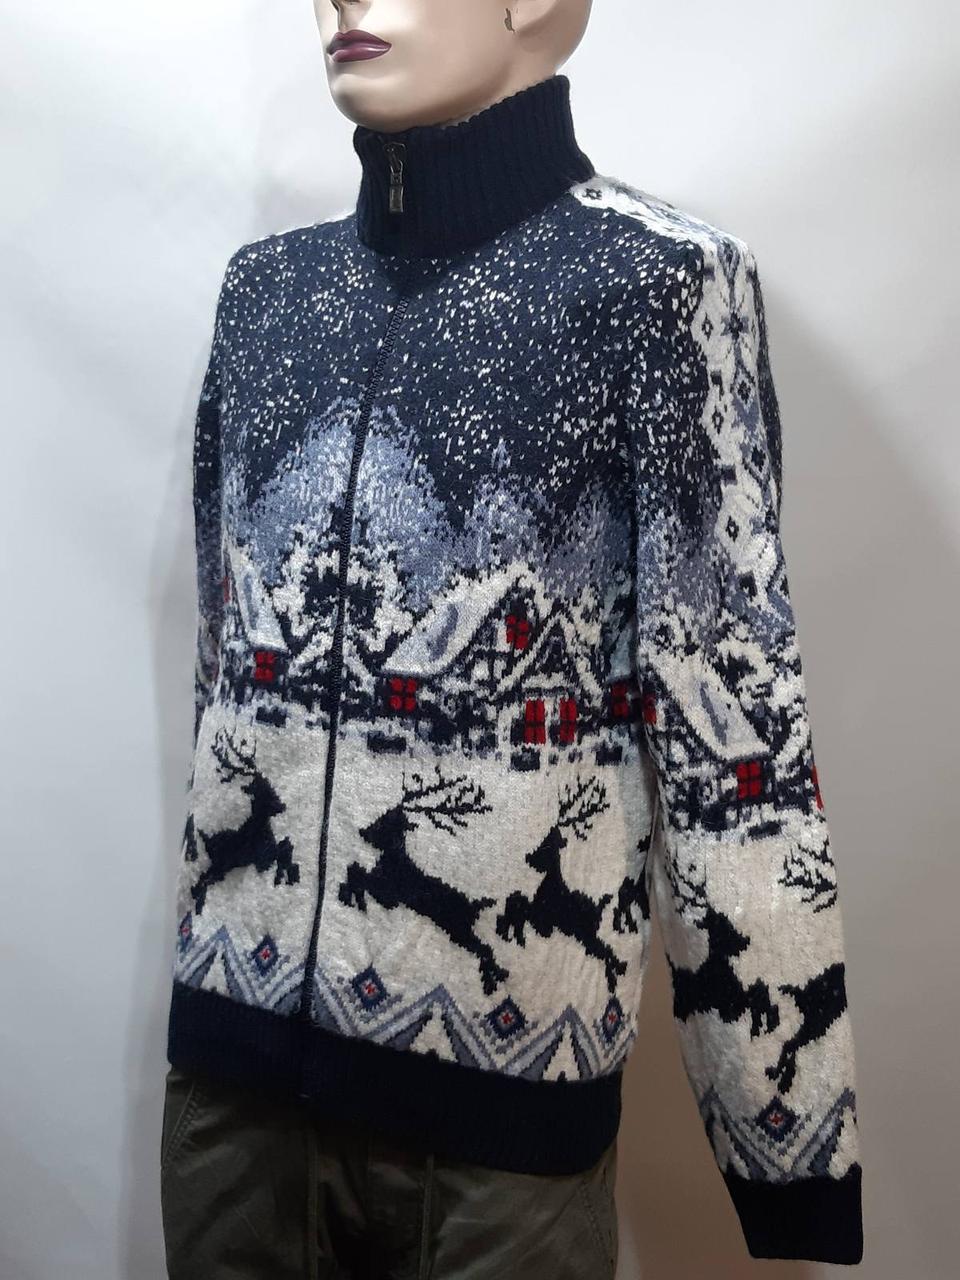 Мужской теплый свитер на молнии с оленями Турция Синий